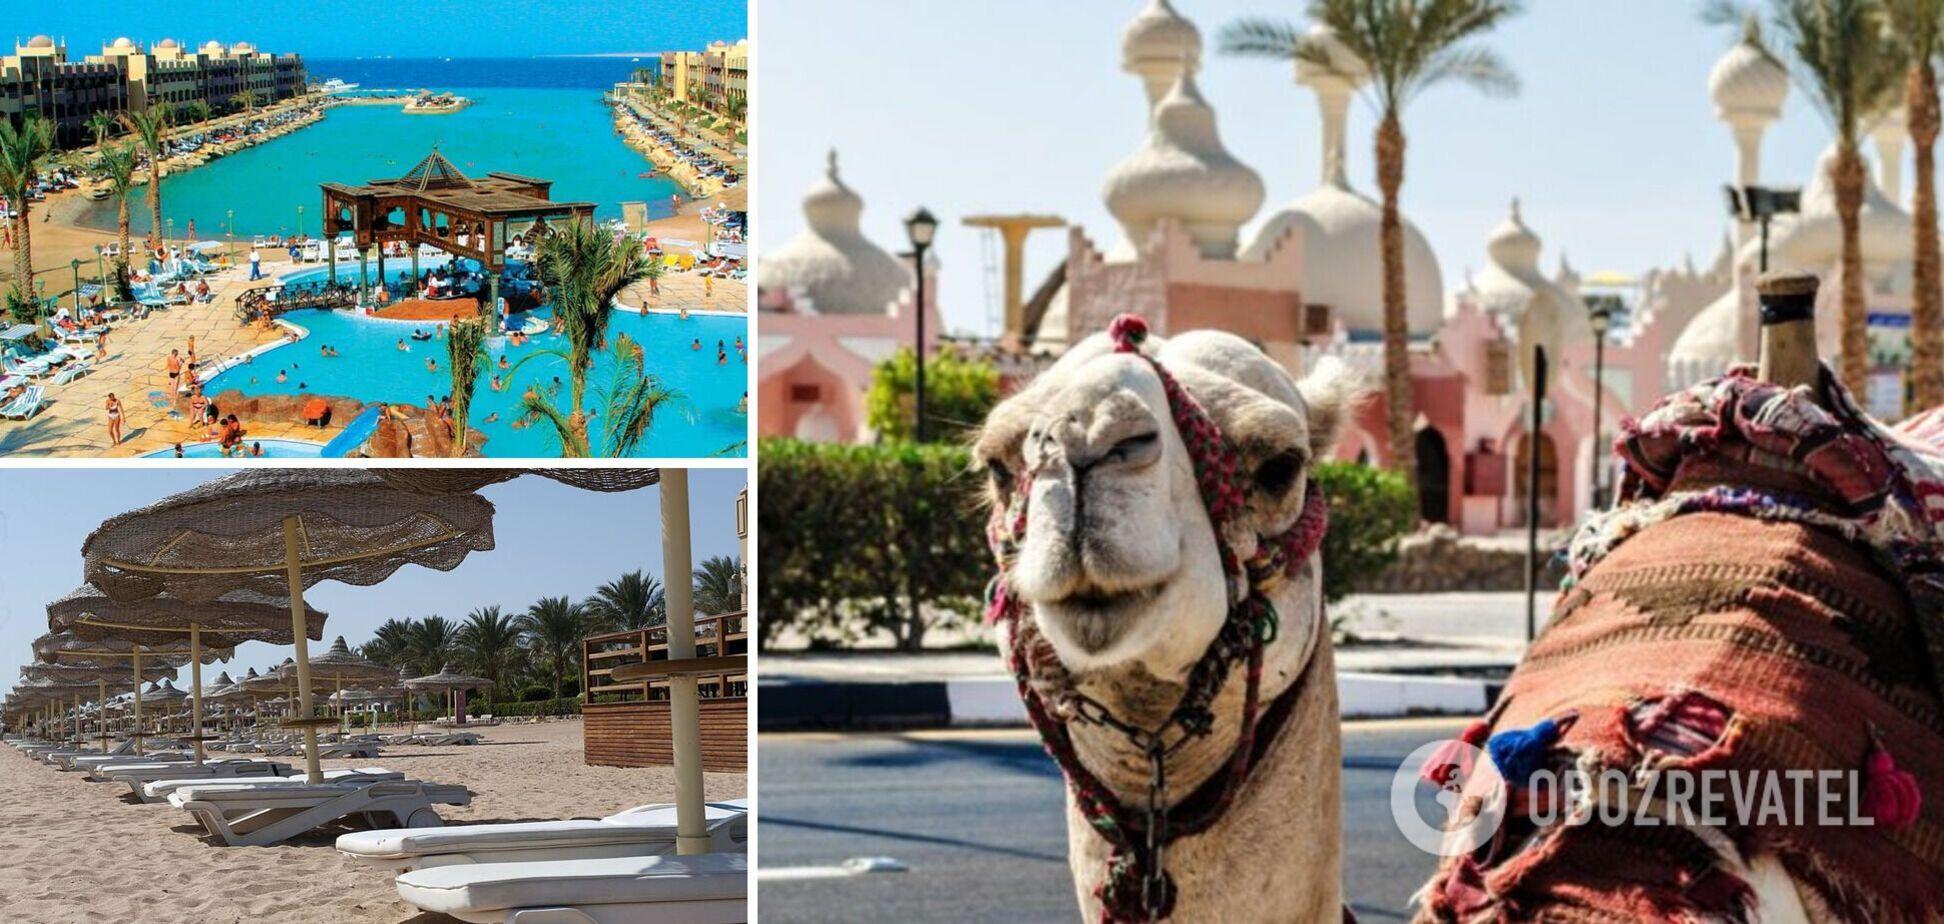 Отдых в Египте подорожает из-за россиян: что ждет украинских туристов летом